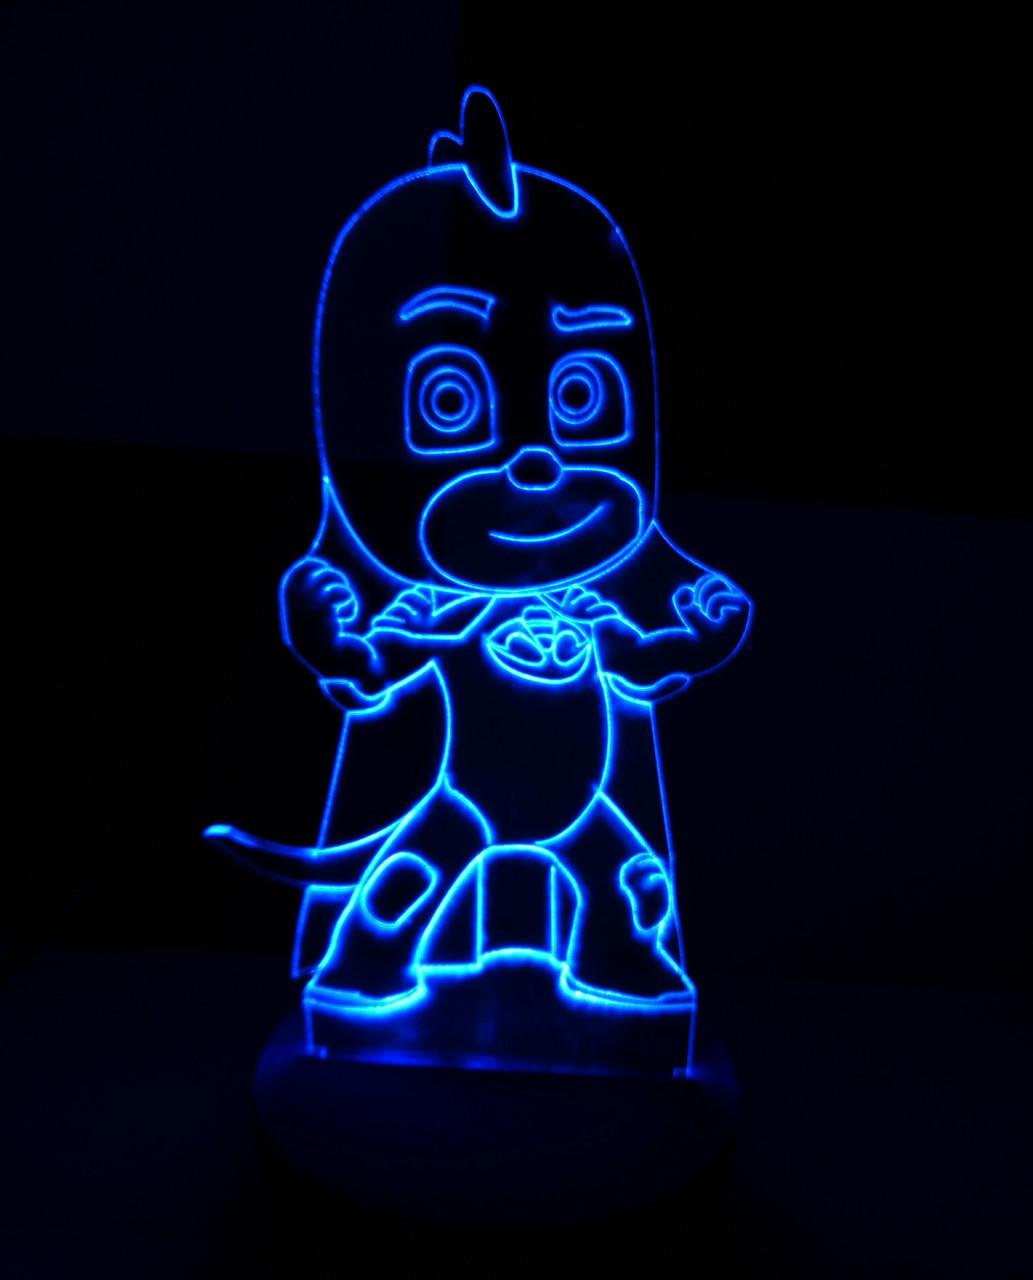 3d-світильник Гекко (Герої в масках), 3д-нічник, кілька підсвічувань (на пульті)